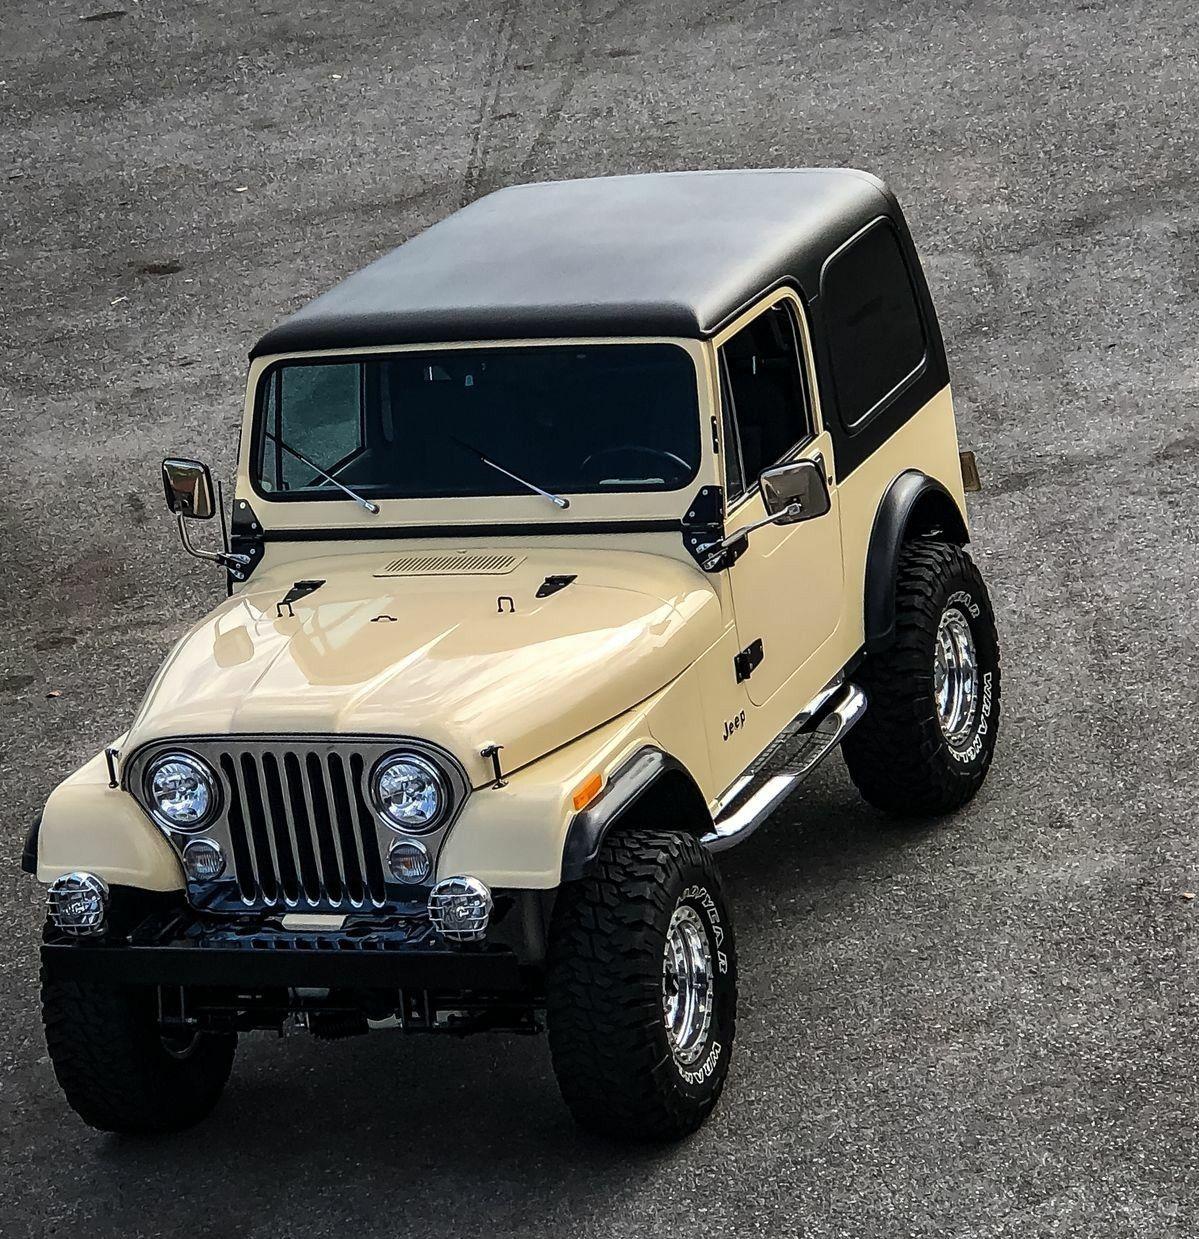 Pin By Walt Harwick On Jeep Cj S Jeep Jeep Garage Jeep Suv Garage Harwick Jeep Pin Suv Walt In 2020 Jeep Cj Jeep Suv Jeep Cj7